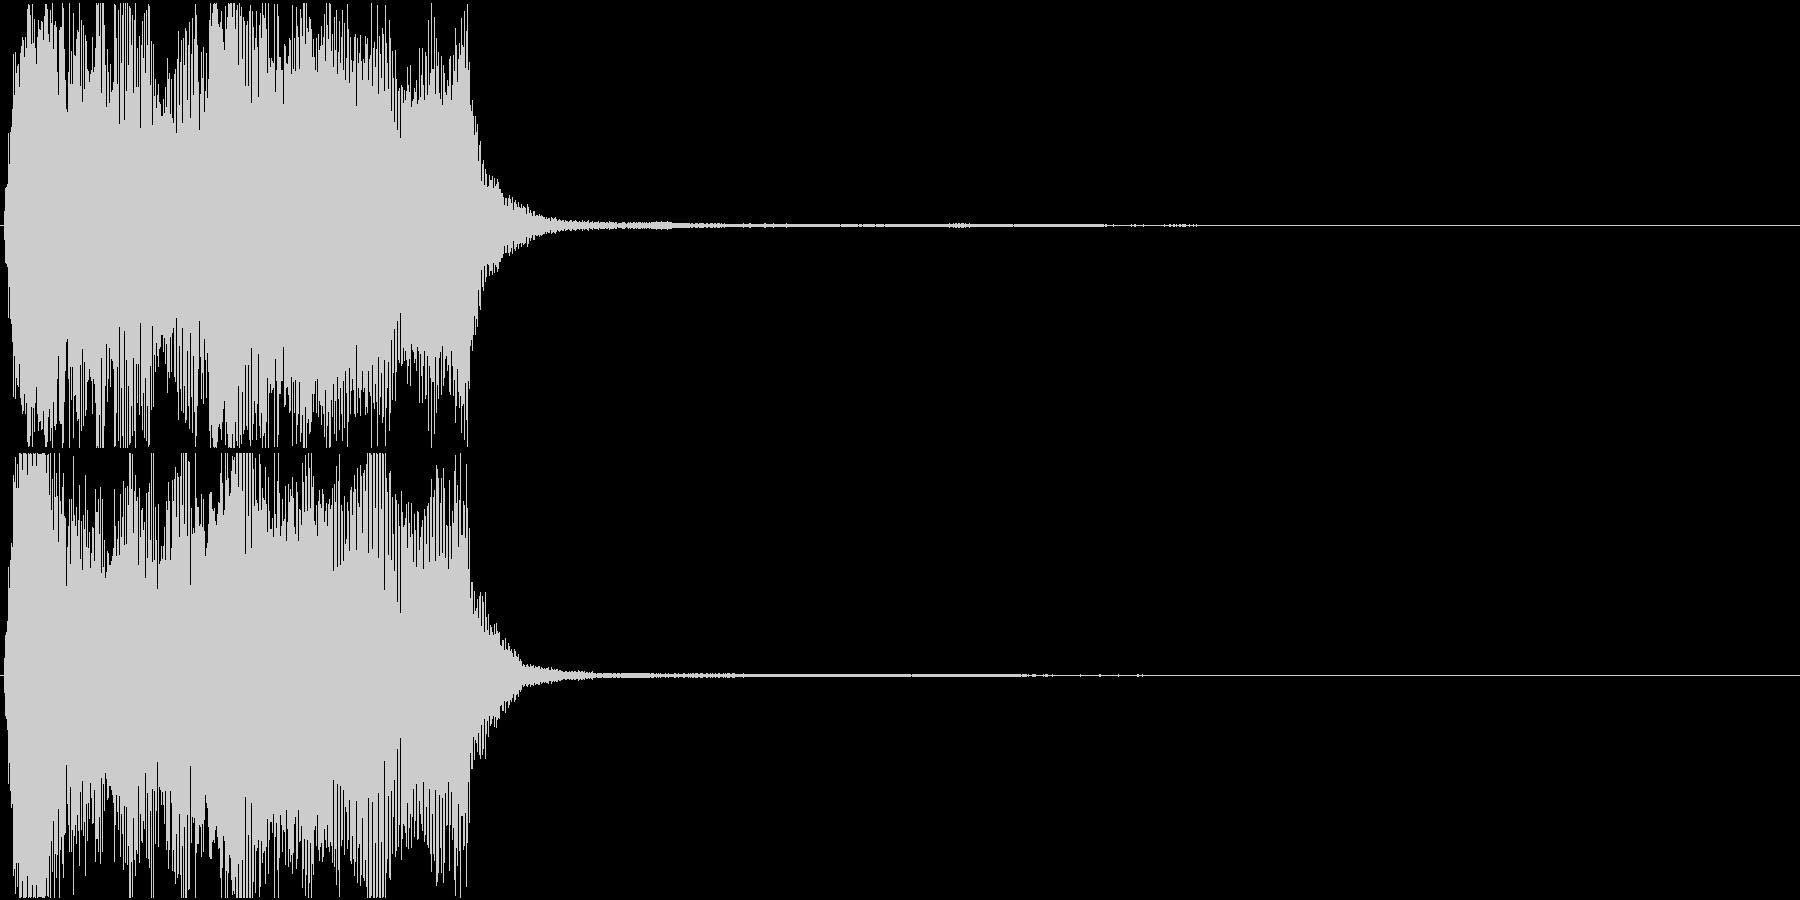 トランペット ファンファーレ 定番 7の未再生の波形